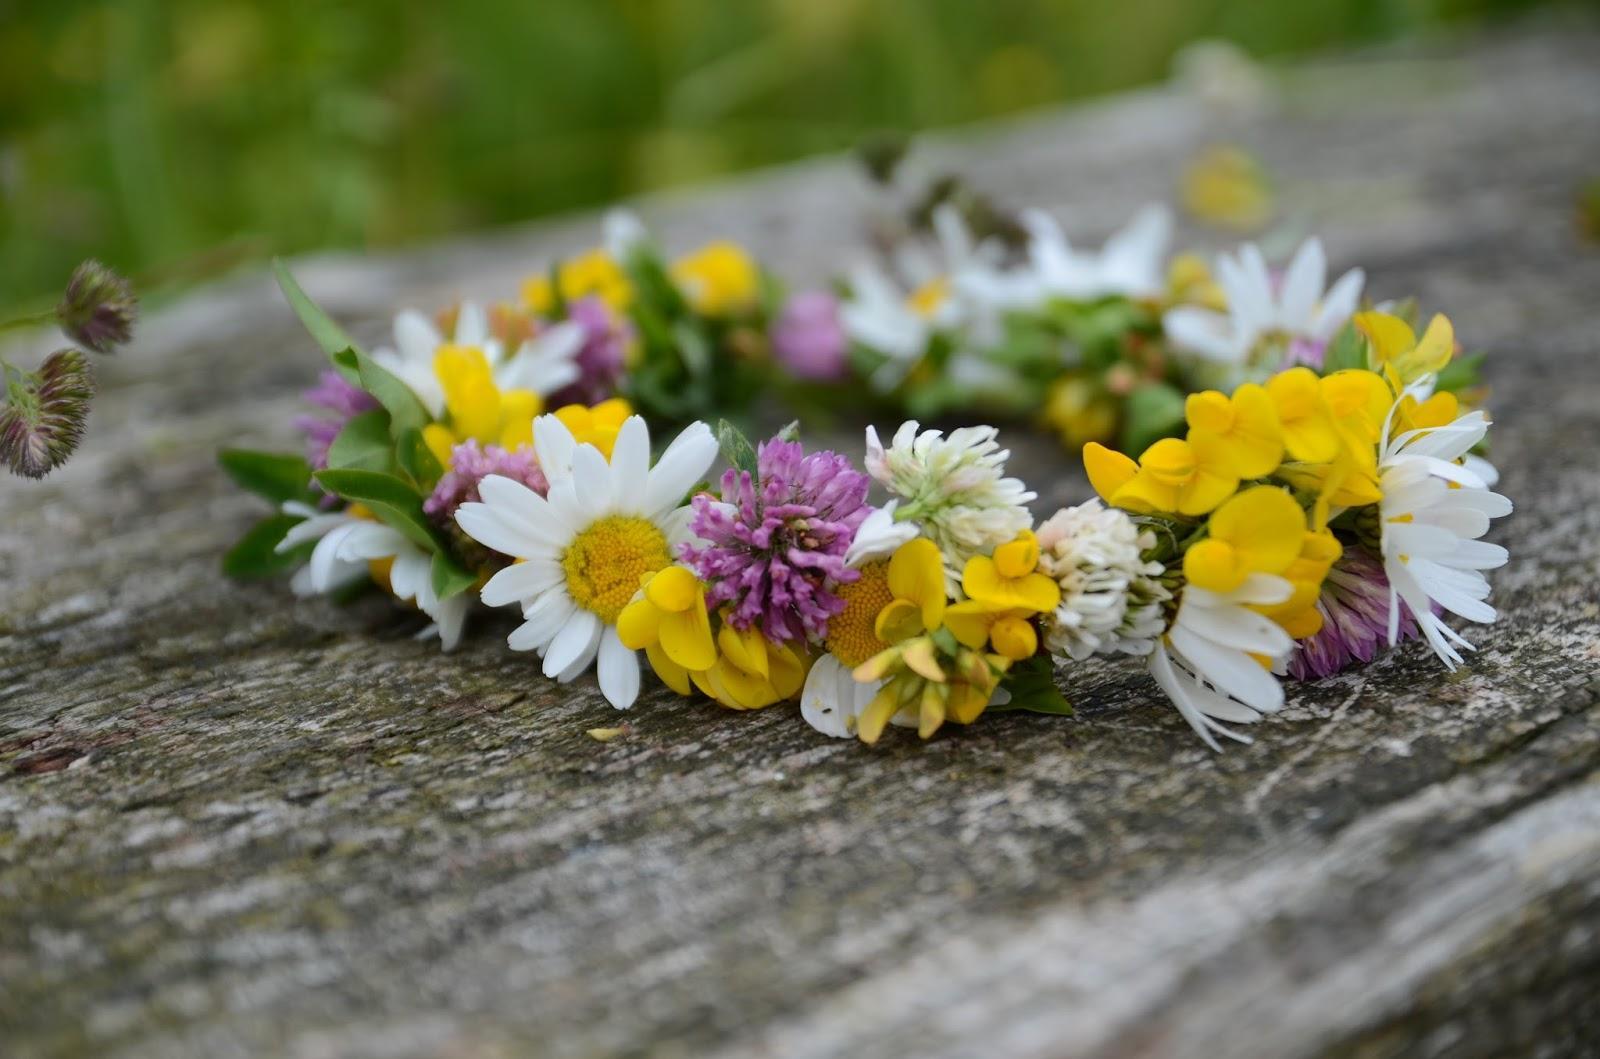 Pozvanie do našej jarnej záhrady - ......a začína leto :):):)